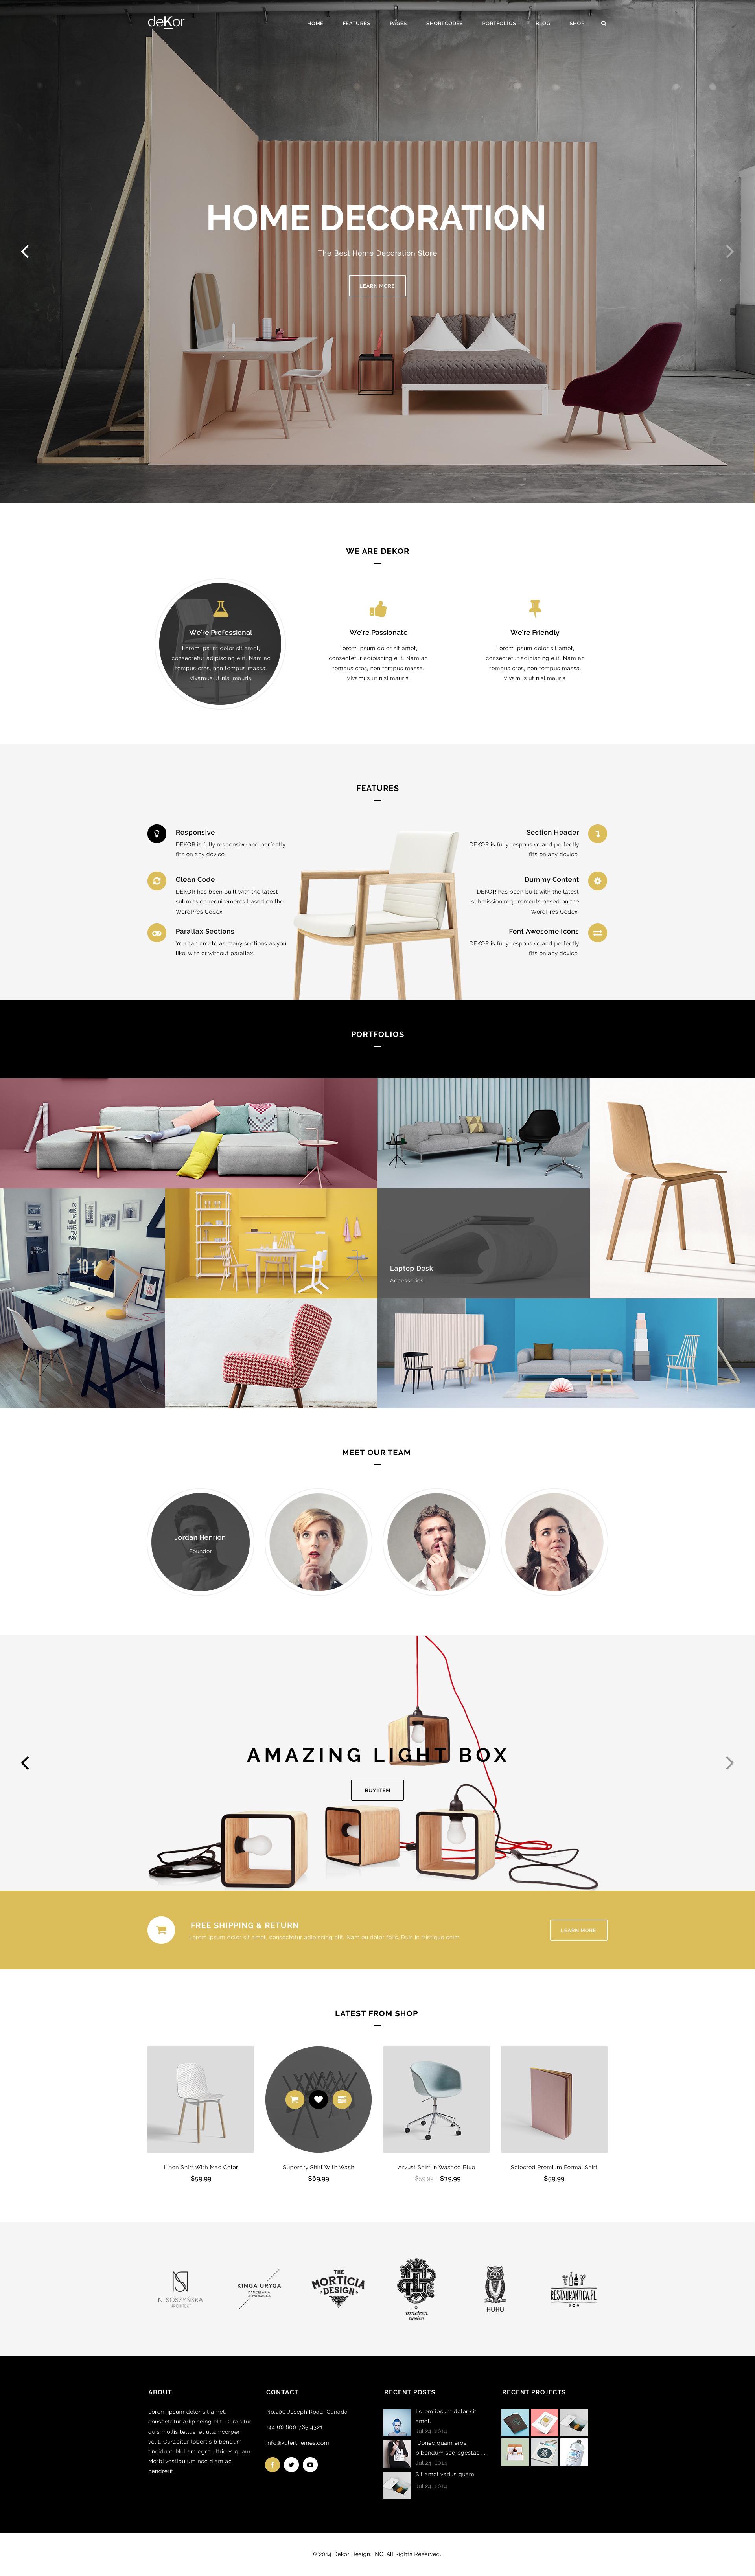 dekor interior wordpress theme by templaza themeforest